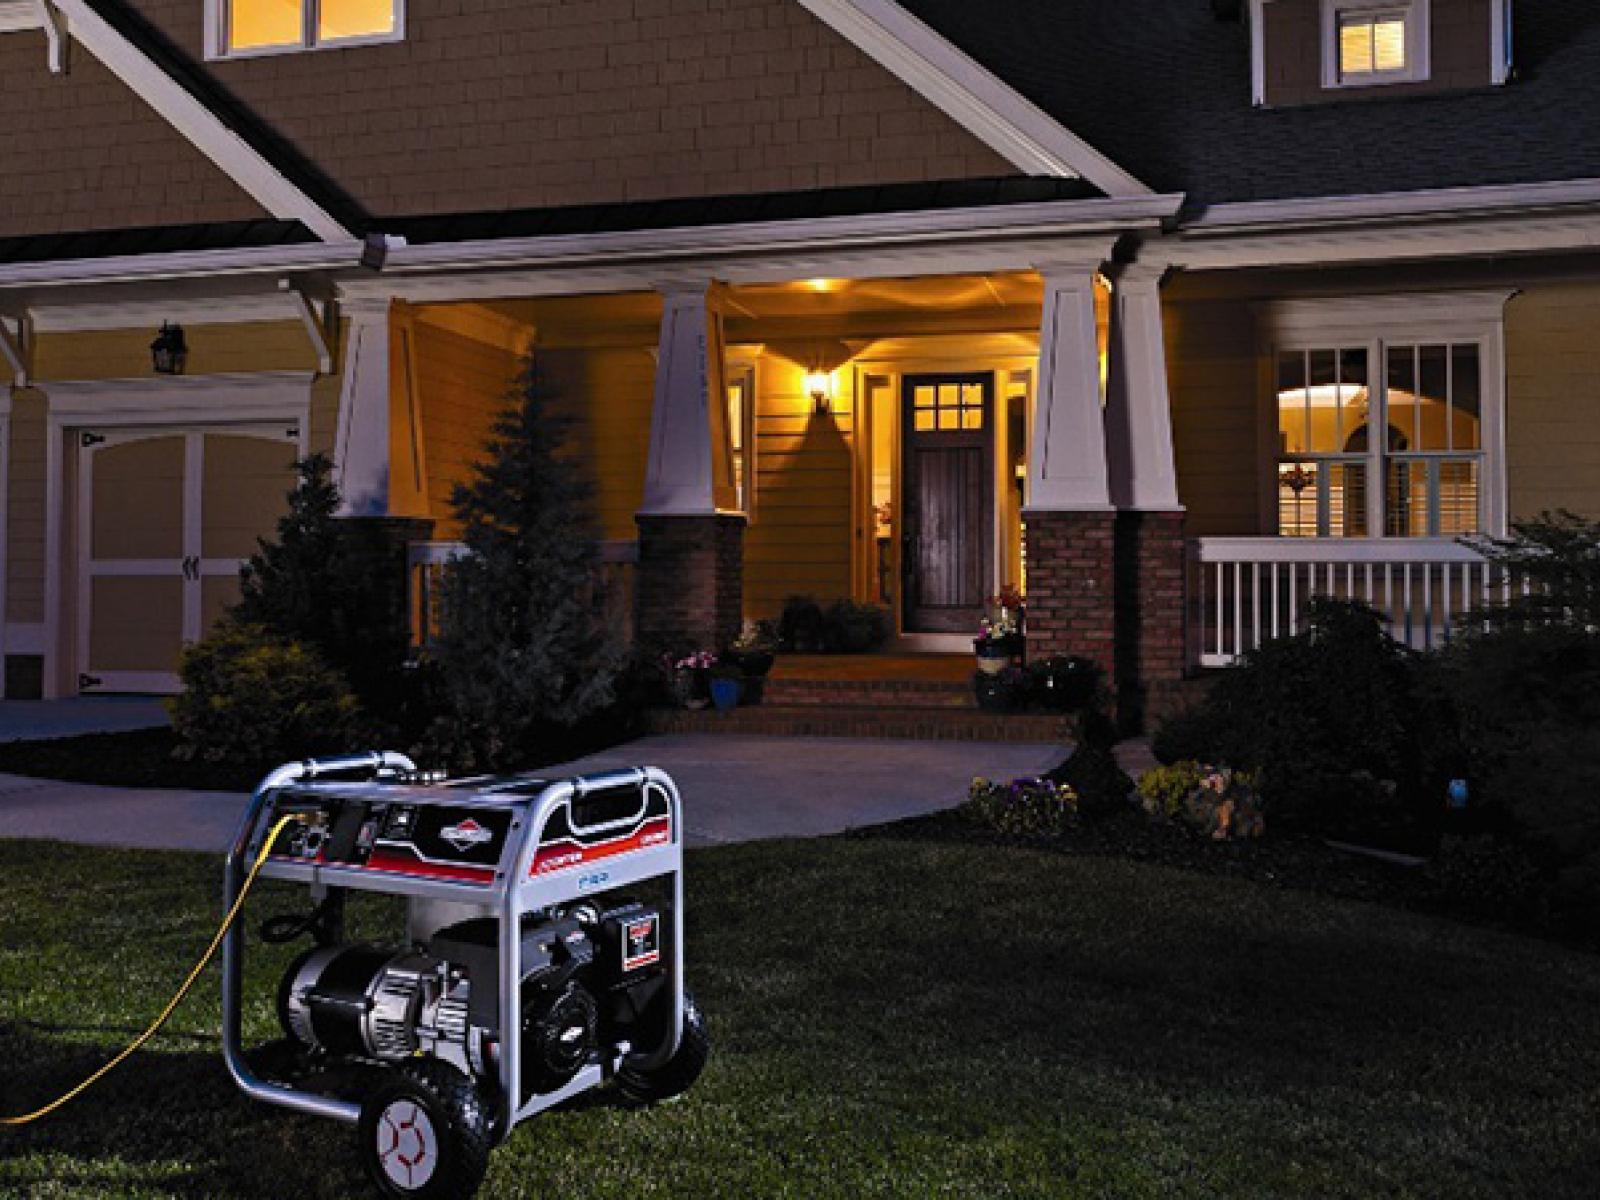 Какой генератор для дома лучше? Советы по выбору генератора